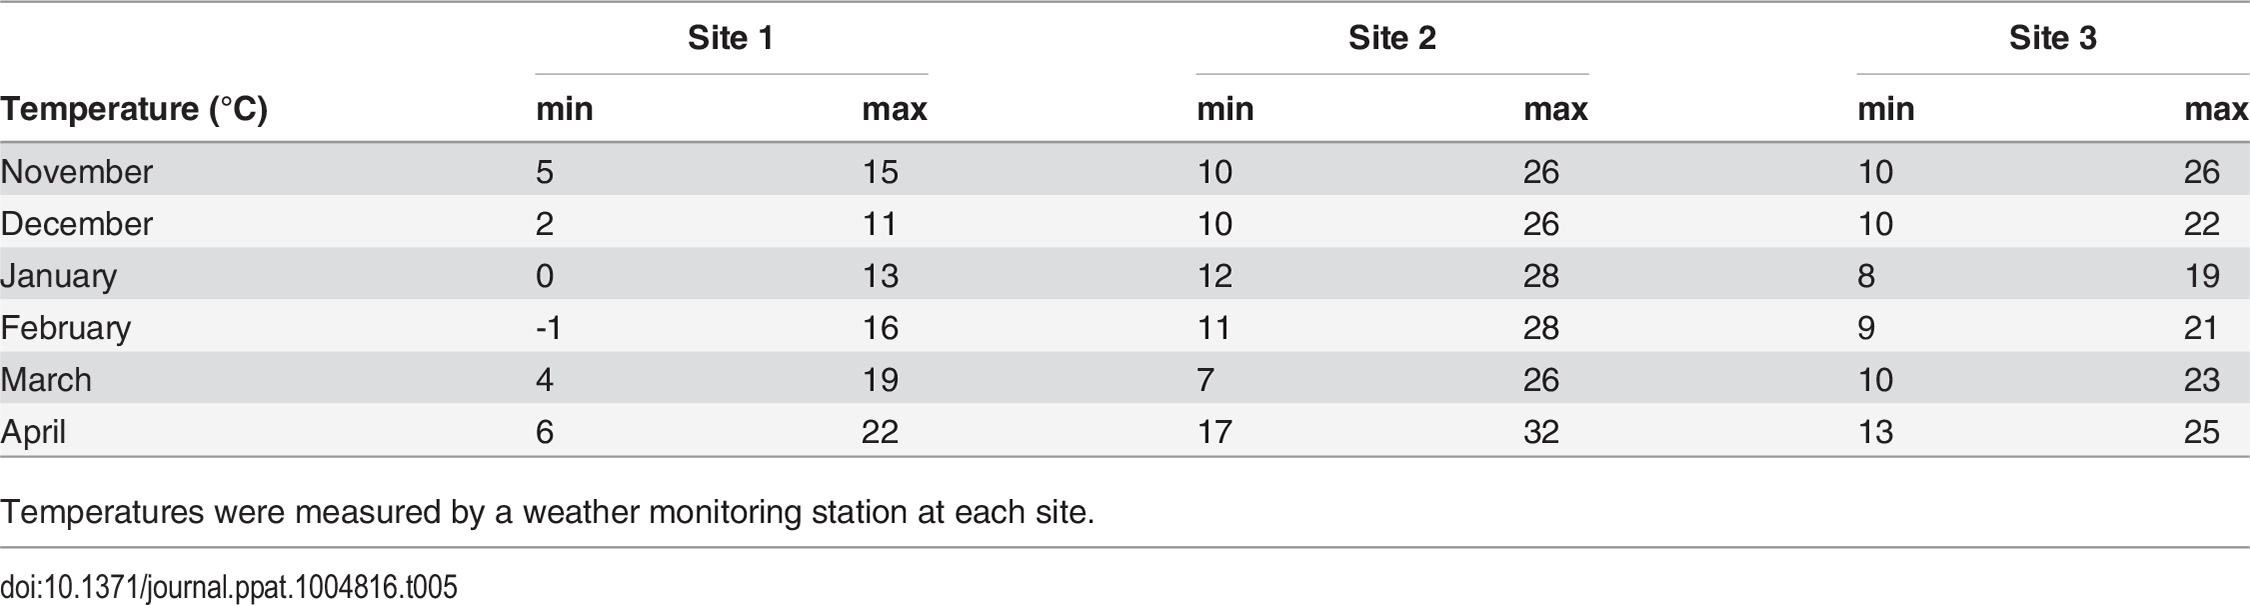 Average minimum and maximum temperature (°C) across sites during the trial.